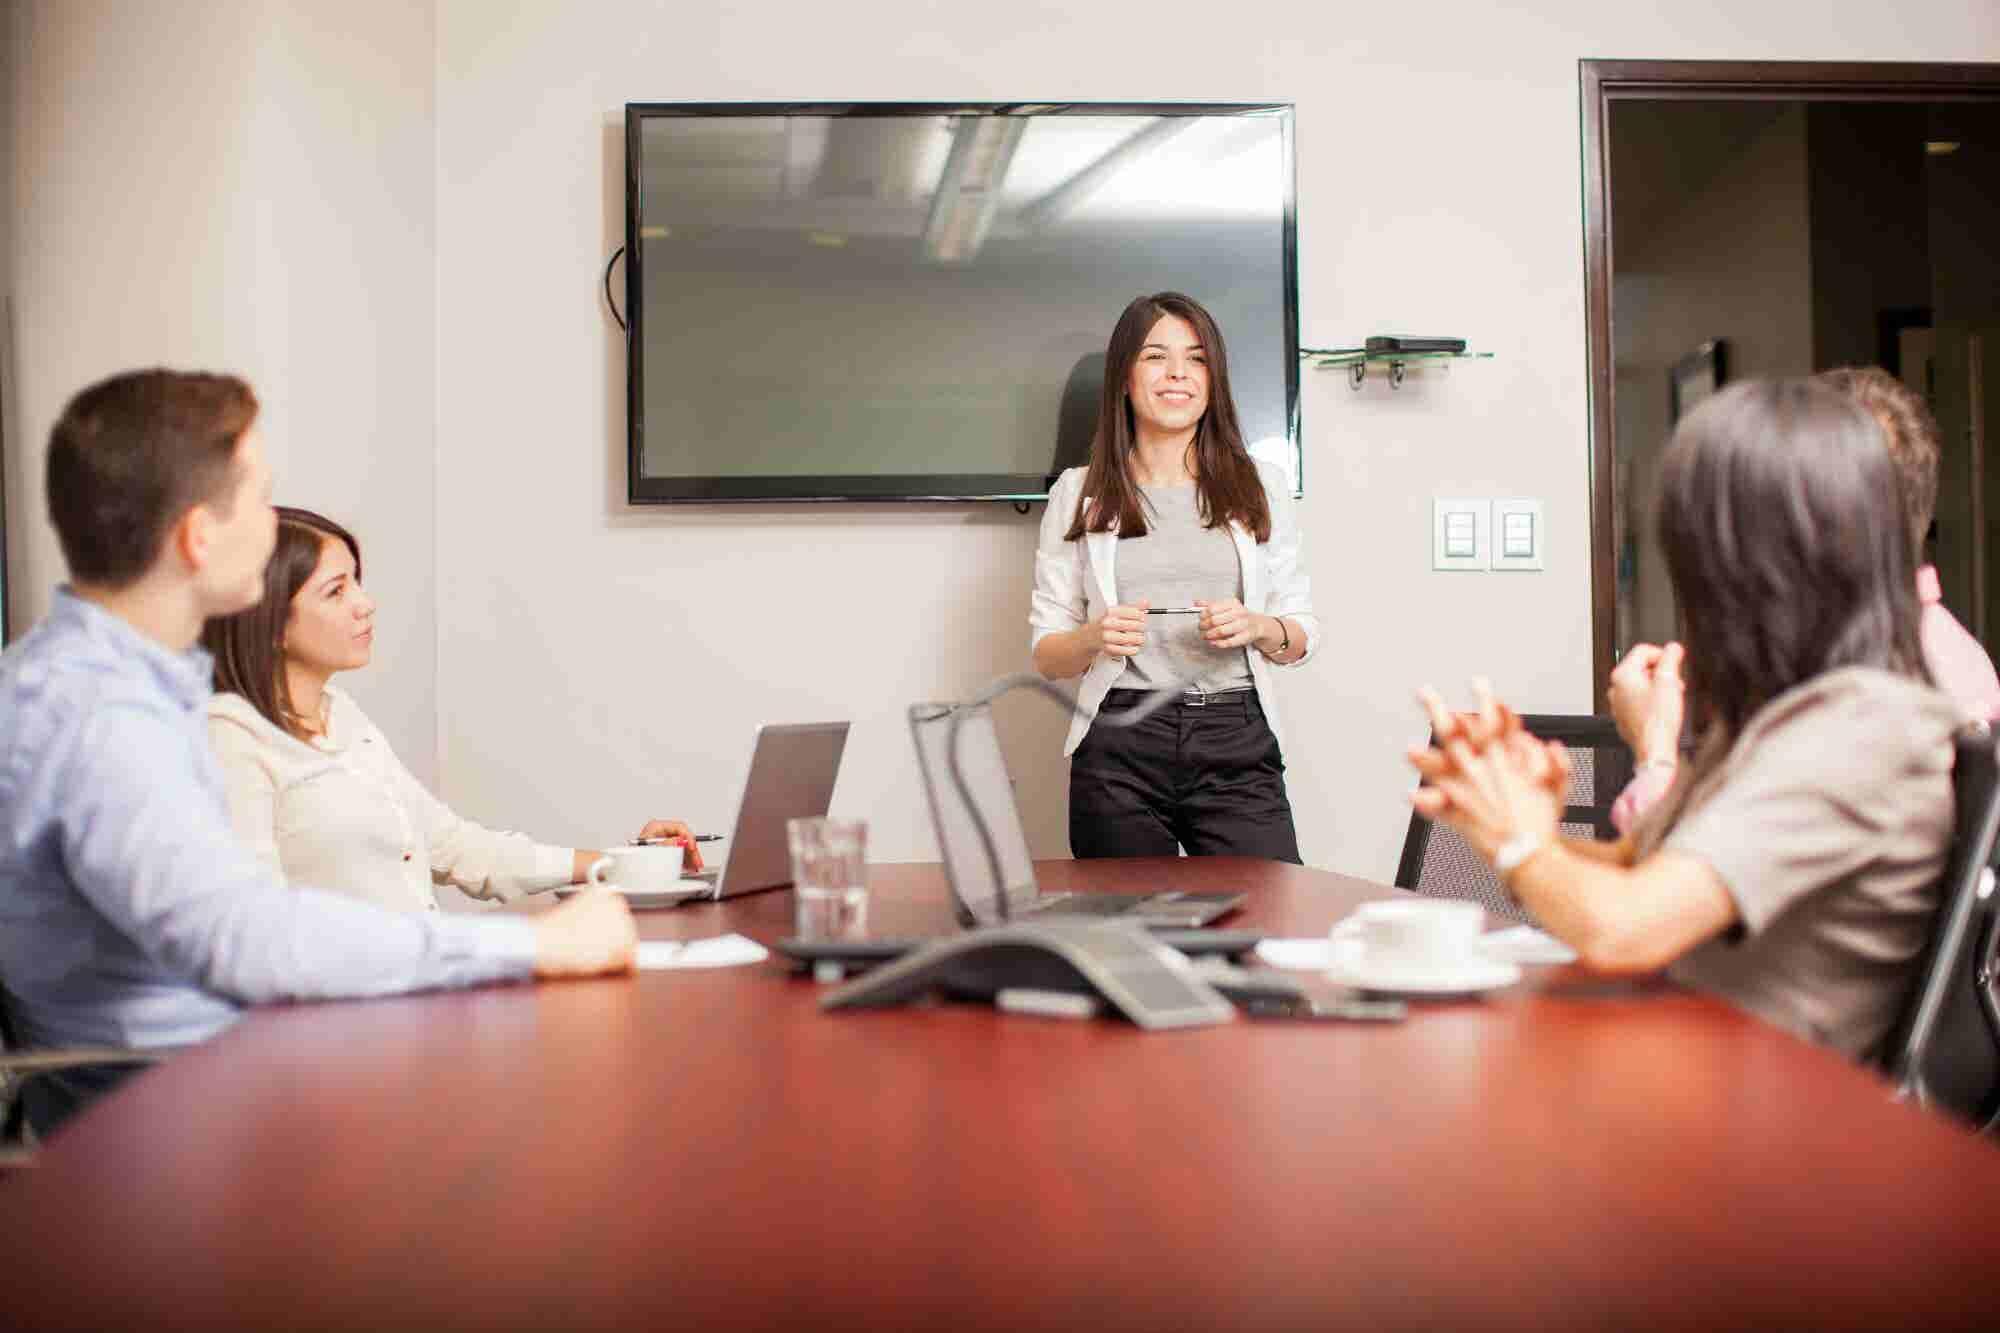 ¿Quieres presentar tu idea de negocios? Te decimos cómo entrenar tu voz para tu pitch